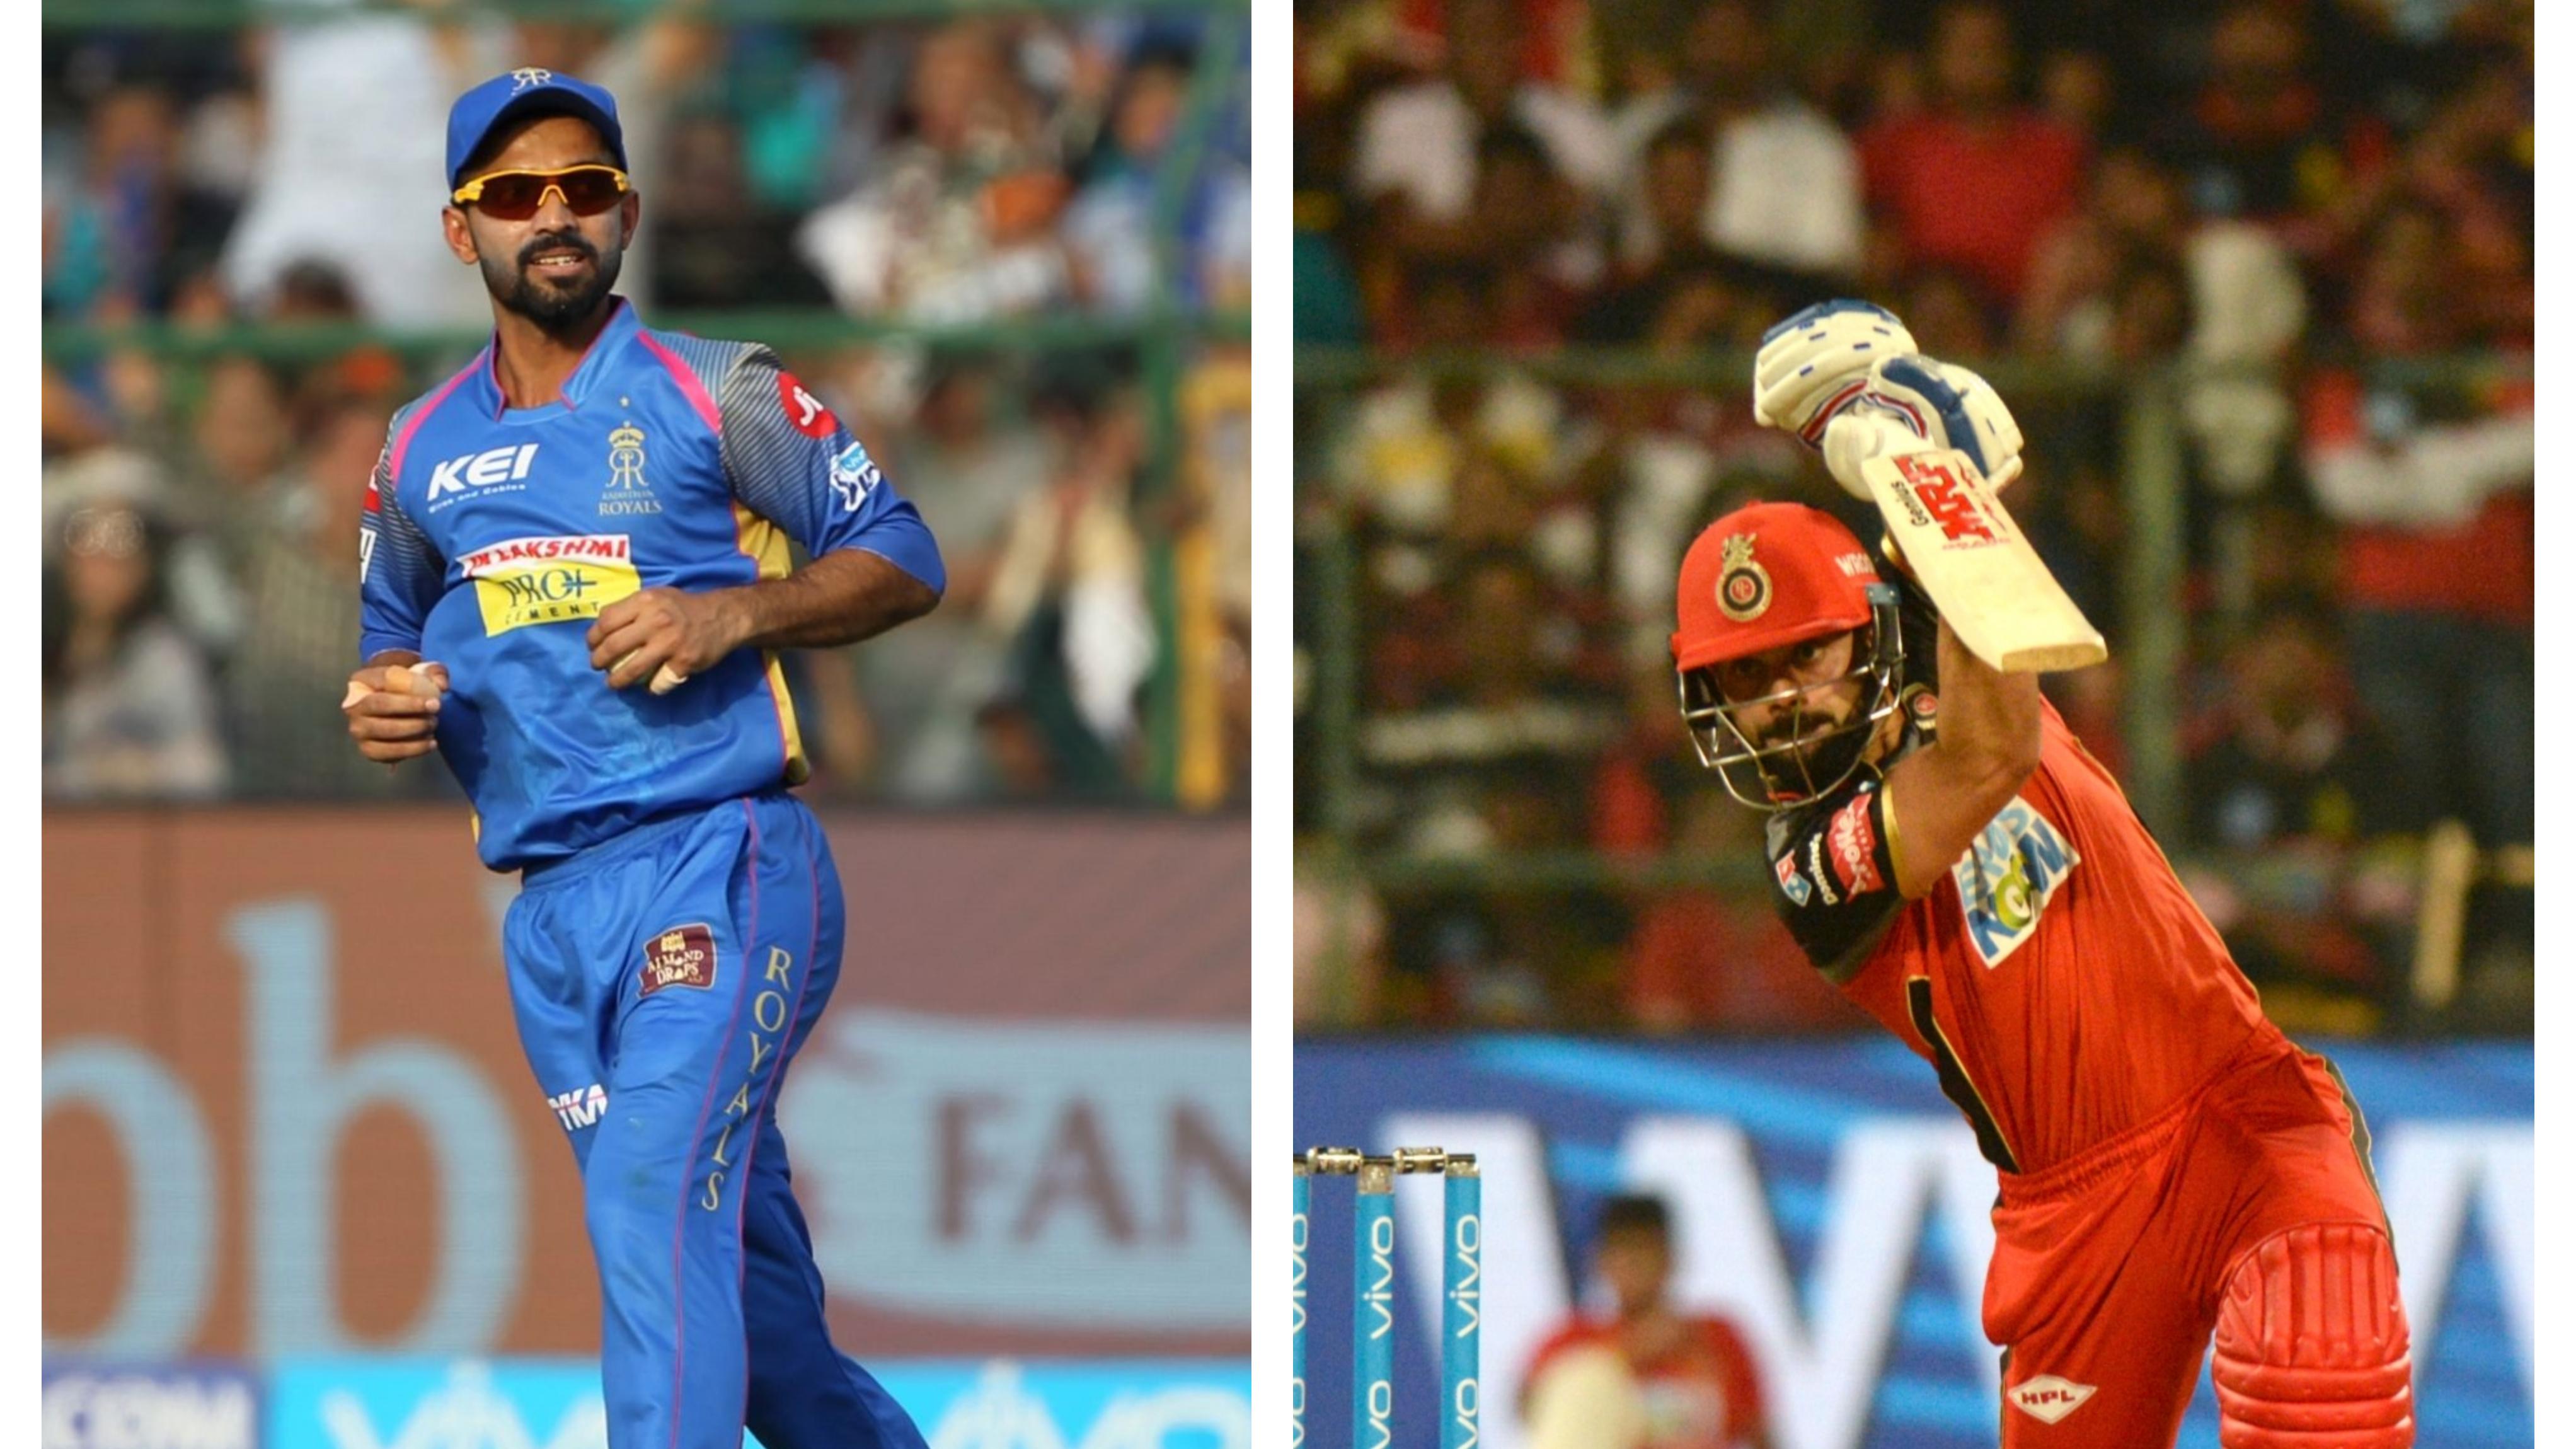 IPL 2018: RR v RCB- प्लेऑफ के टिकट के लिए आज होगी राजस्थान और बैंगलोर के बीच जंग